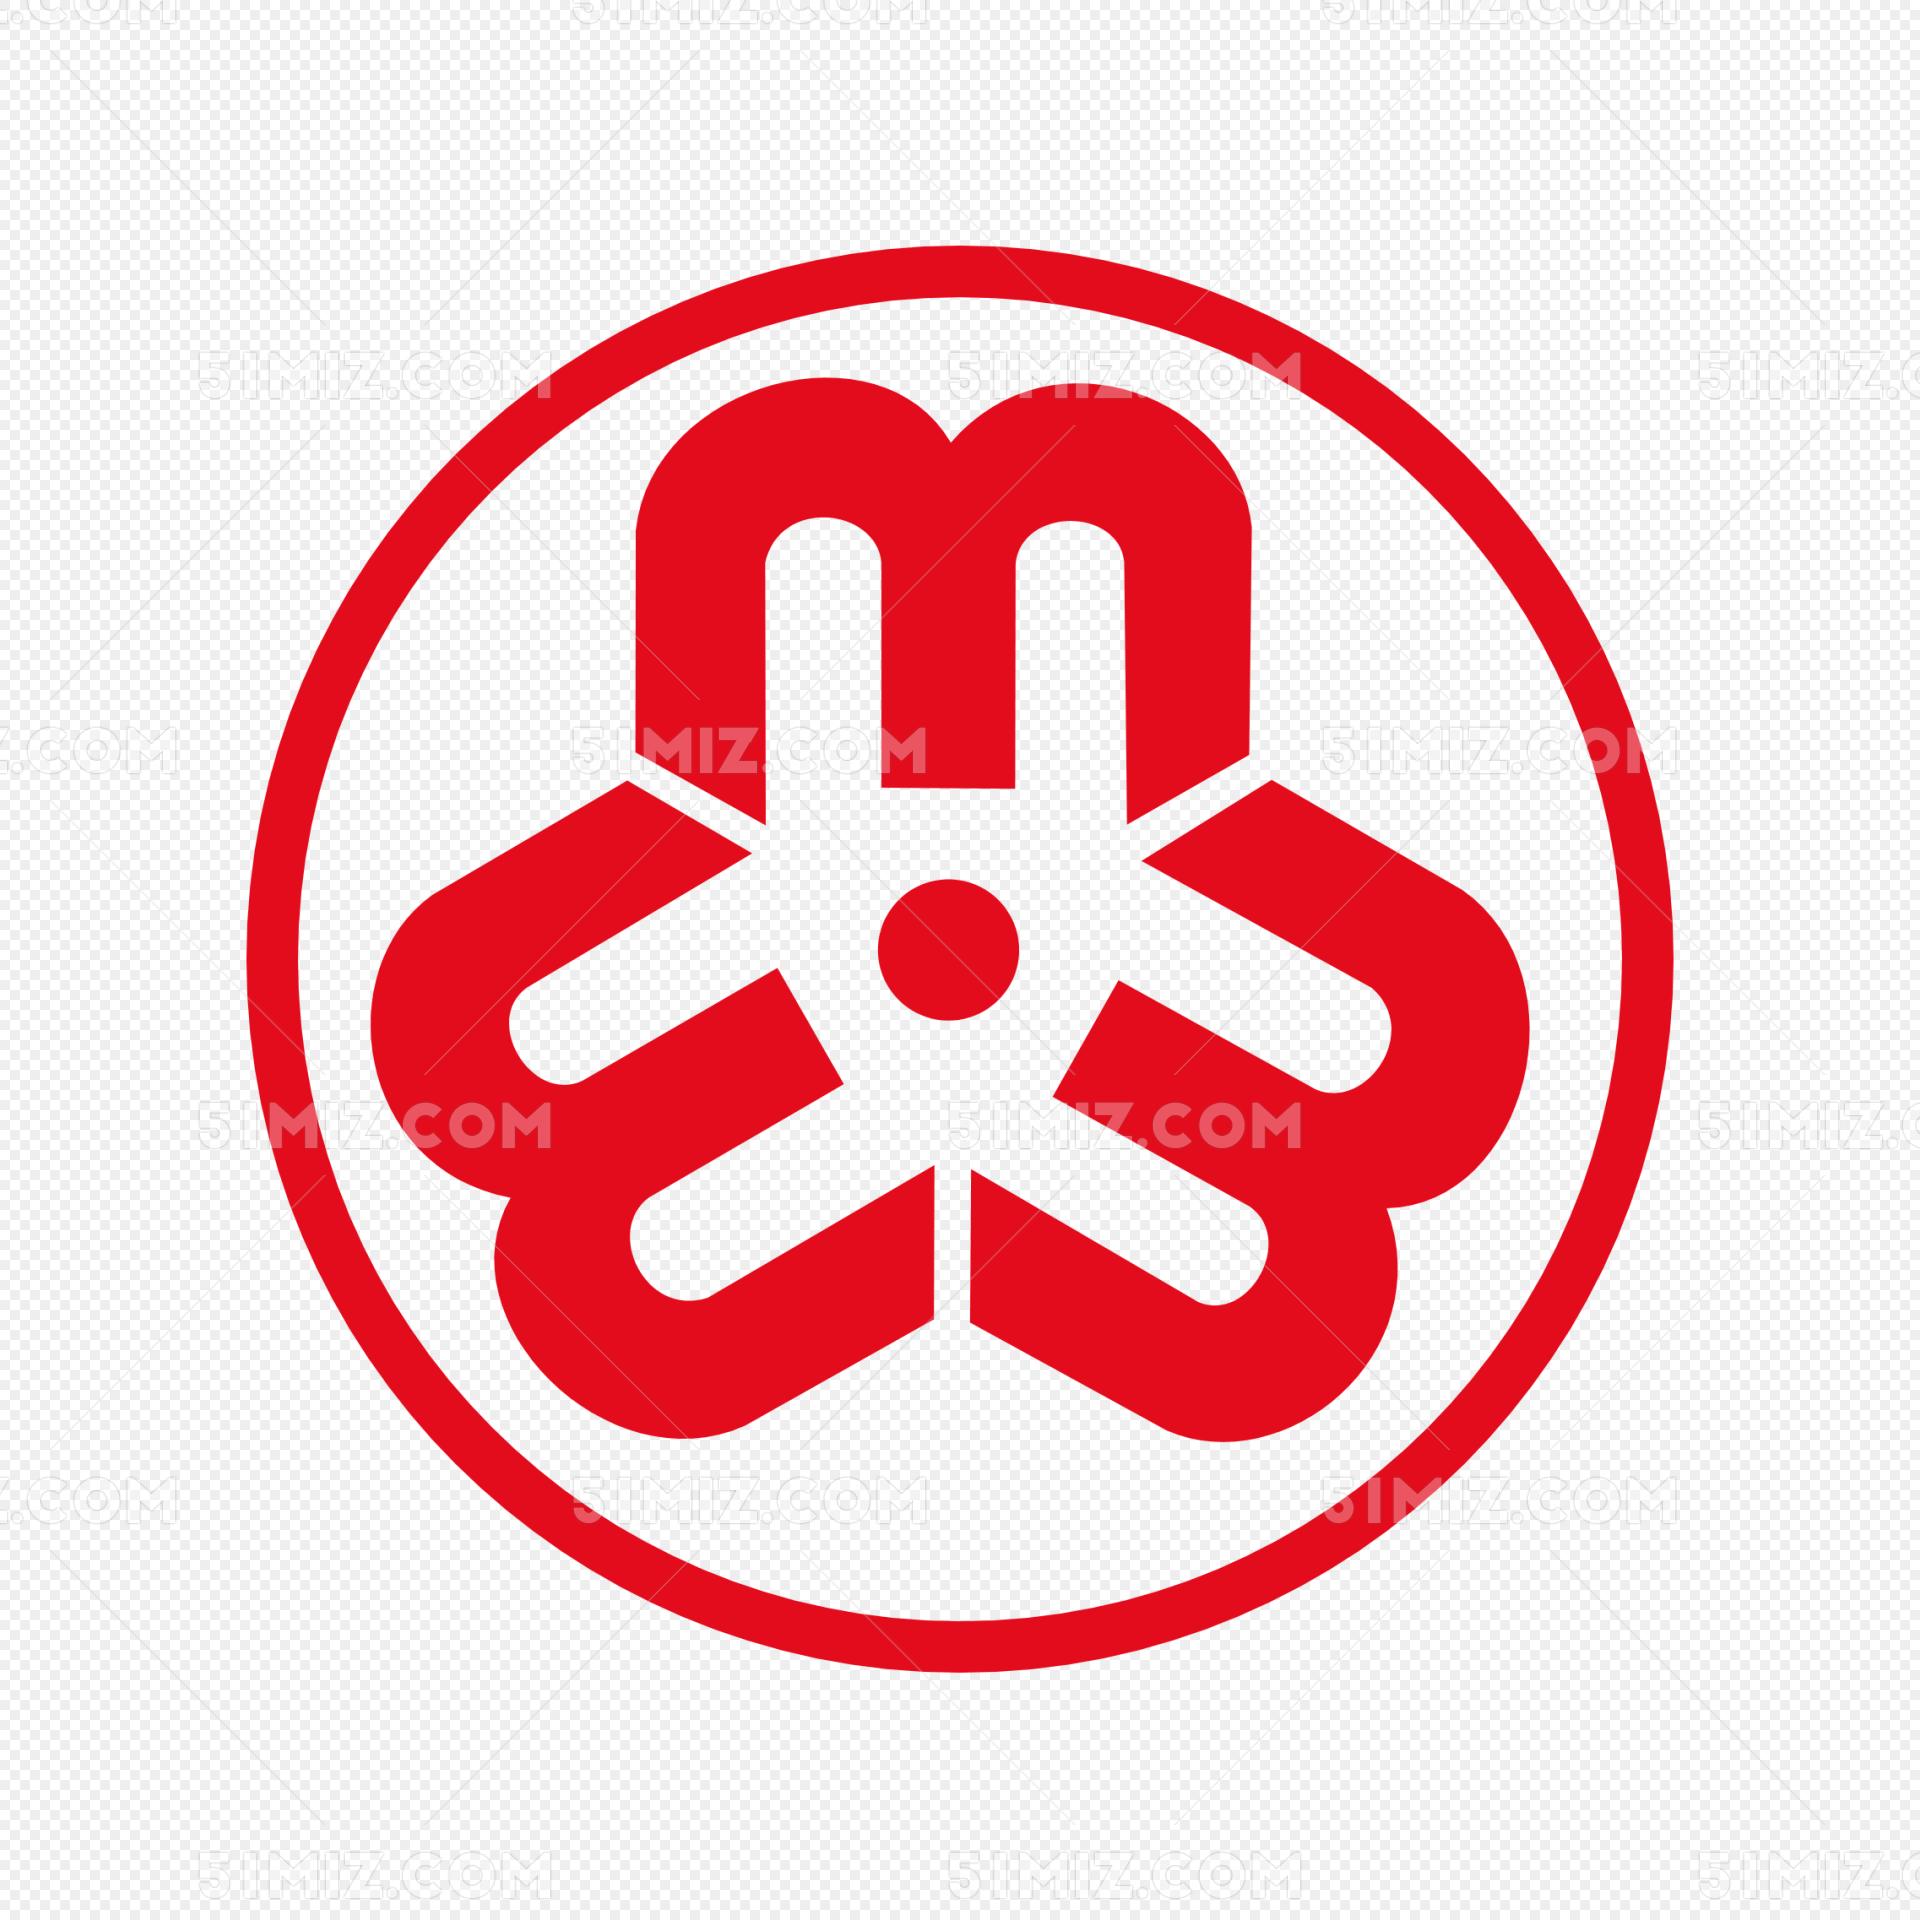 中国妇联会徽logo图片素材免费下载_觅知网